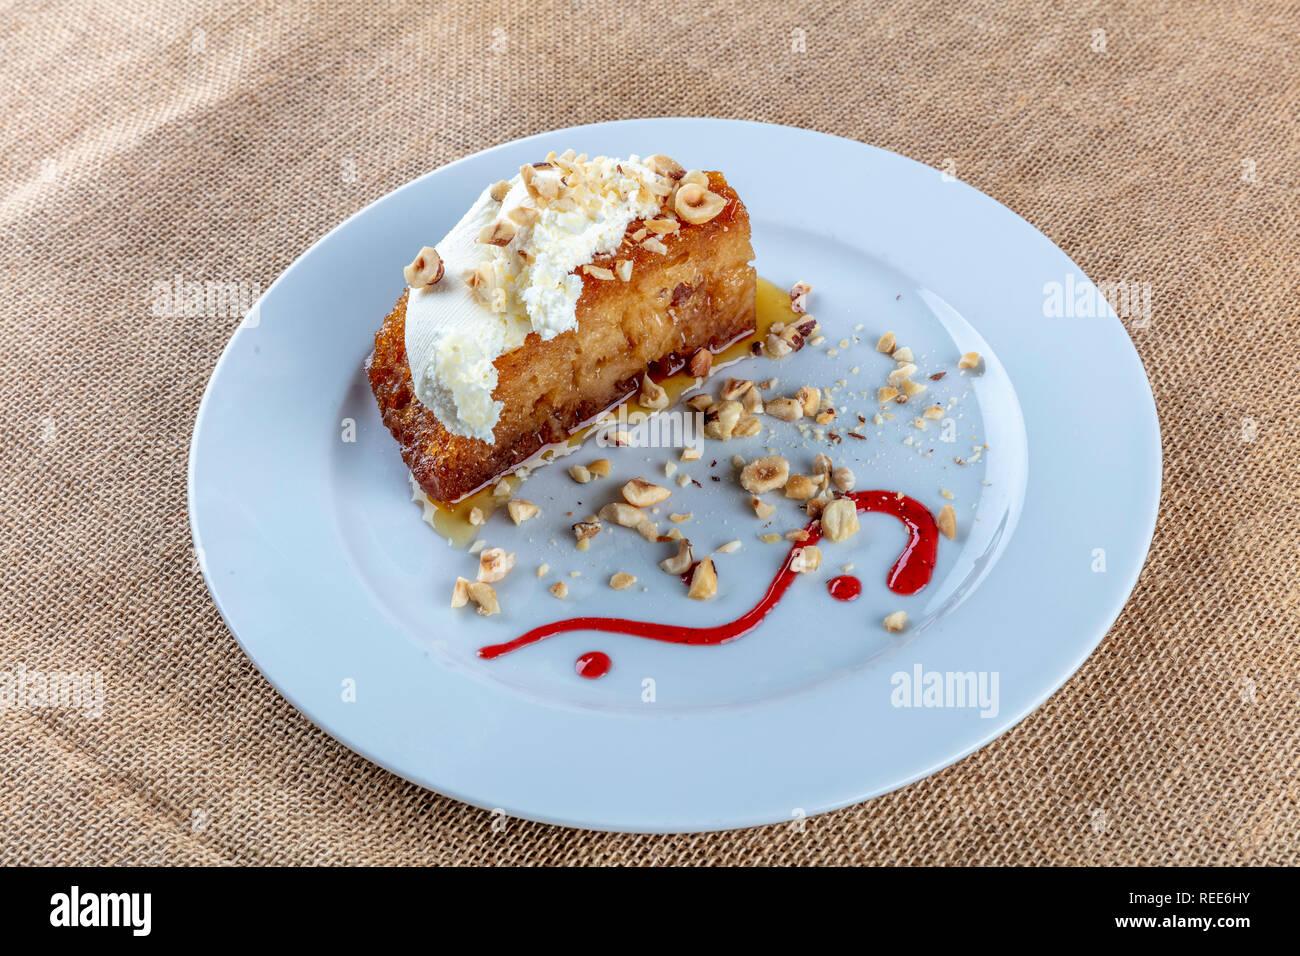 Turkisches Dessert Ekmek Kadayifi Brot Pudding Mit Sahne Auf Weiss